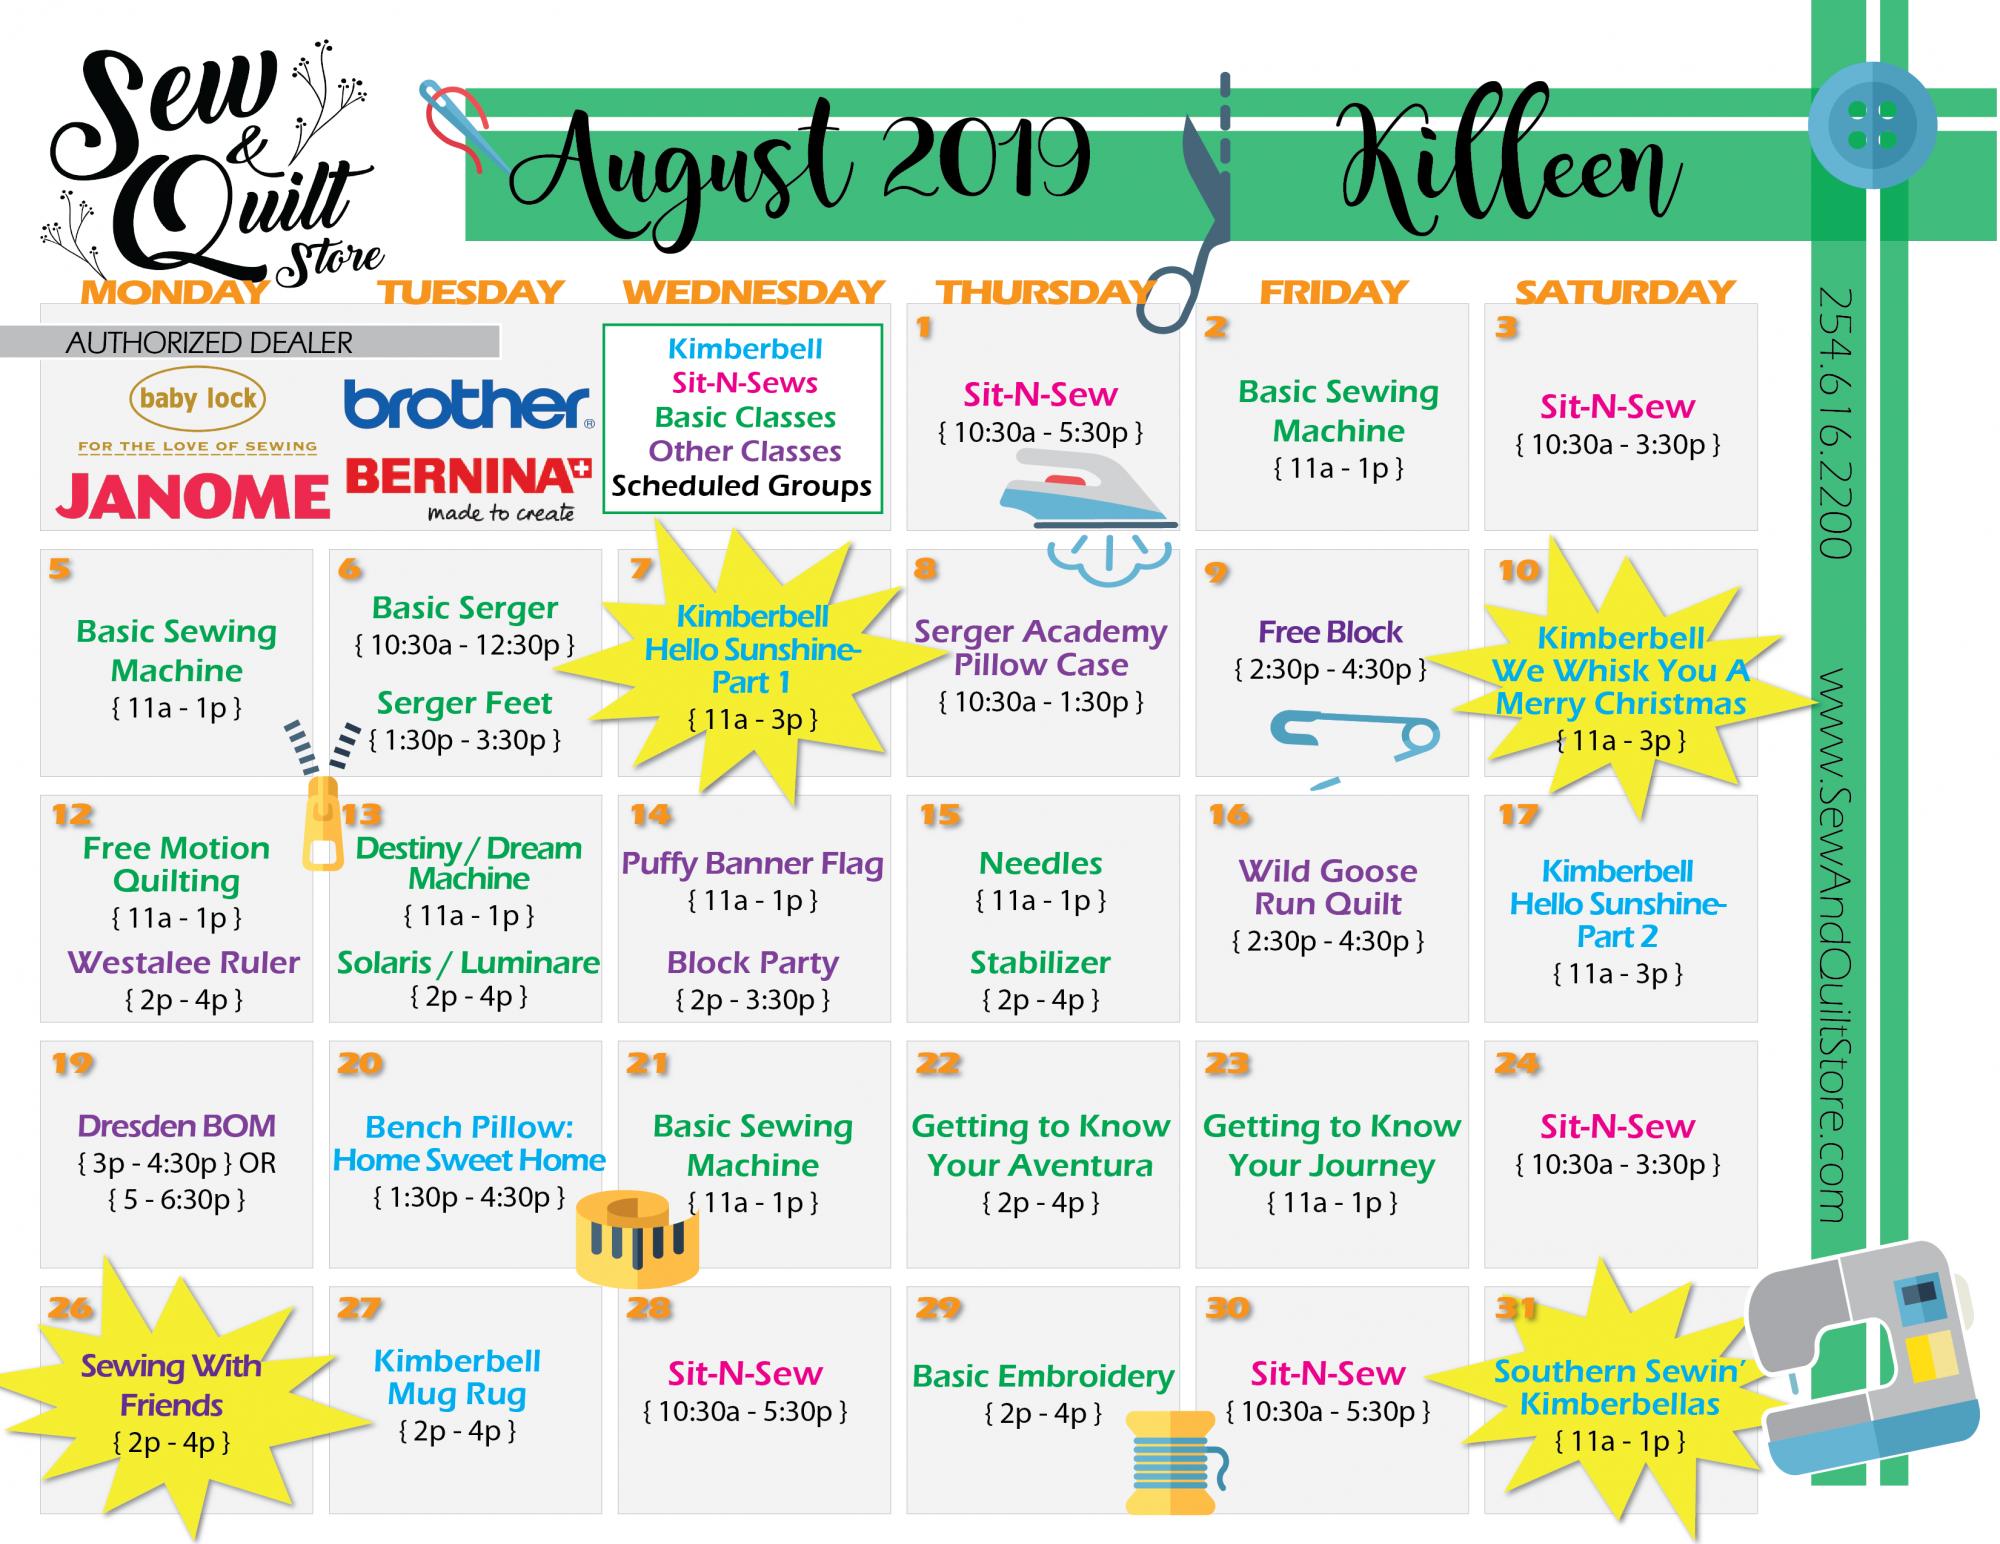 Killeen Sew & Quilt August 2019 Calendar